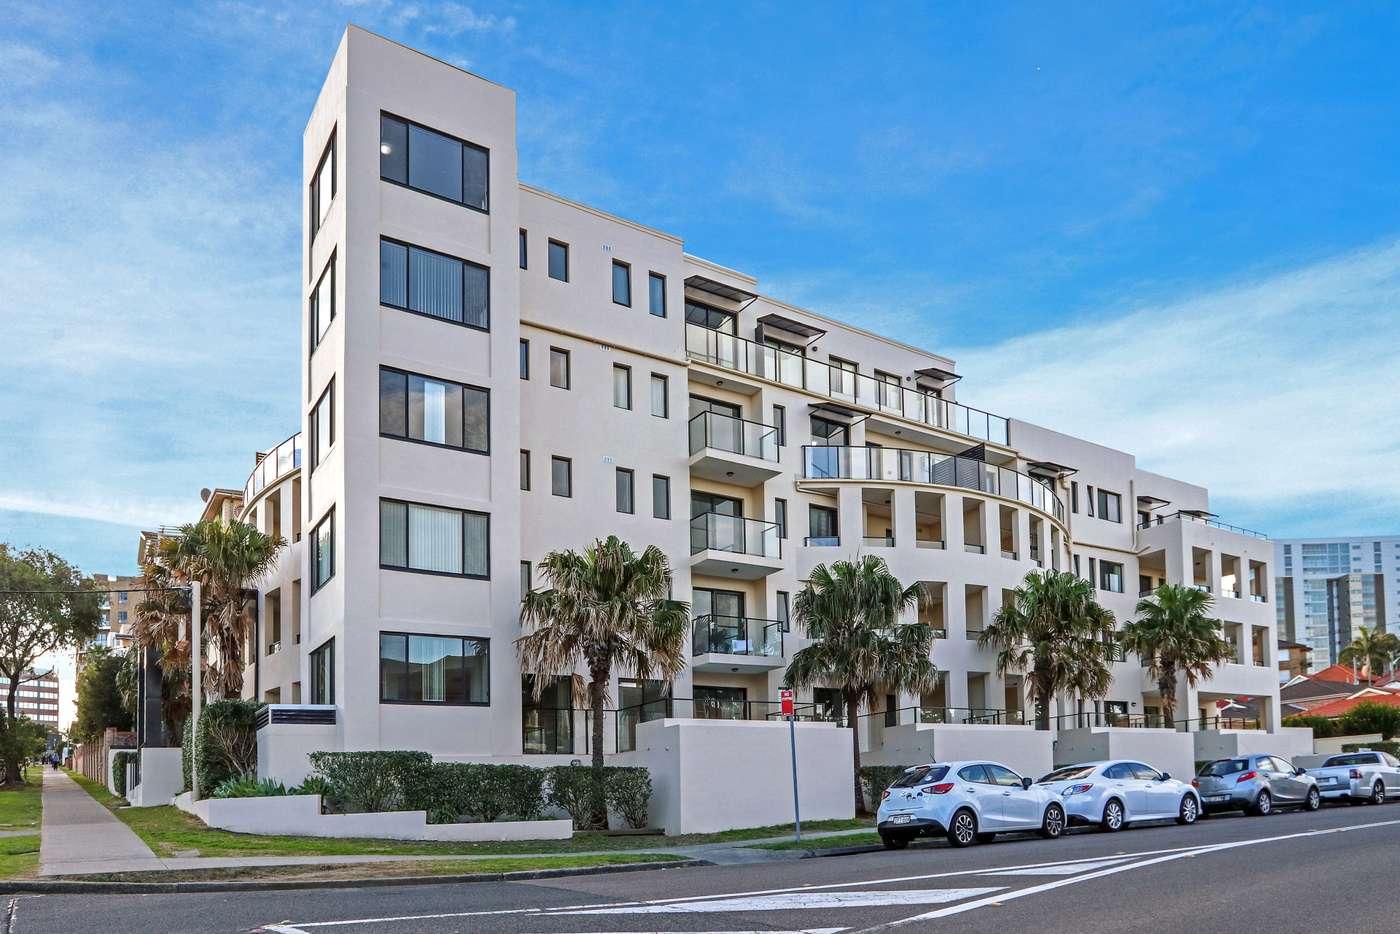 Main view of Homely unit listing, 18/1 Finney Street, Hurstville, NSW 2220